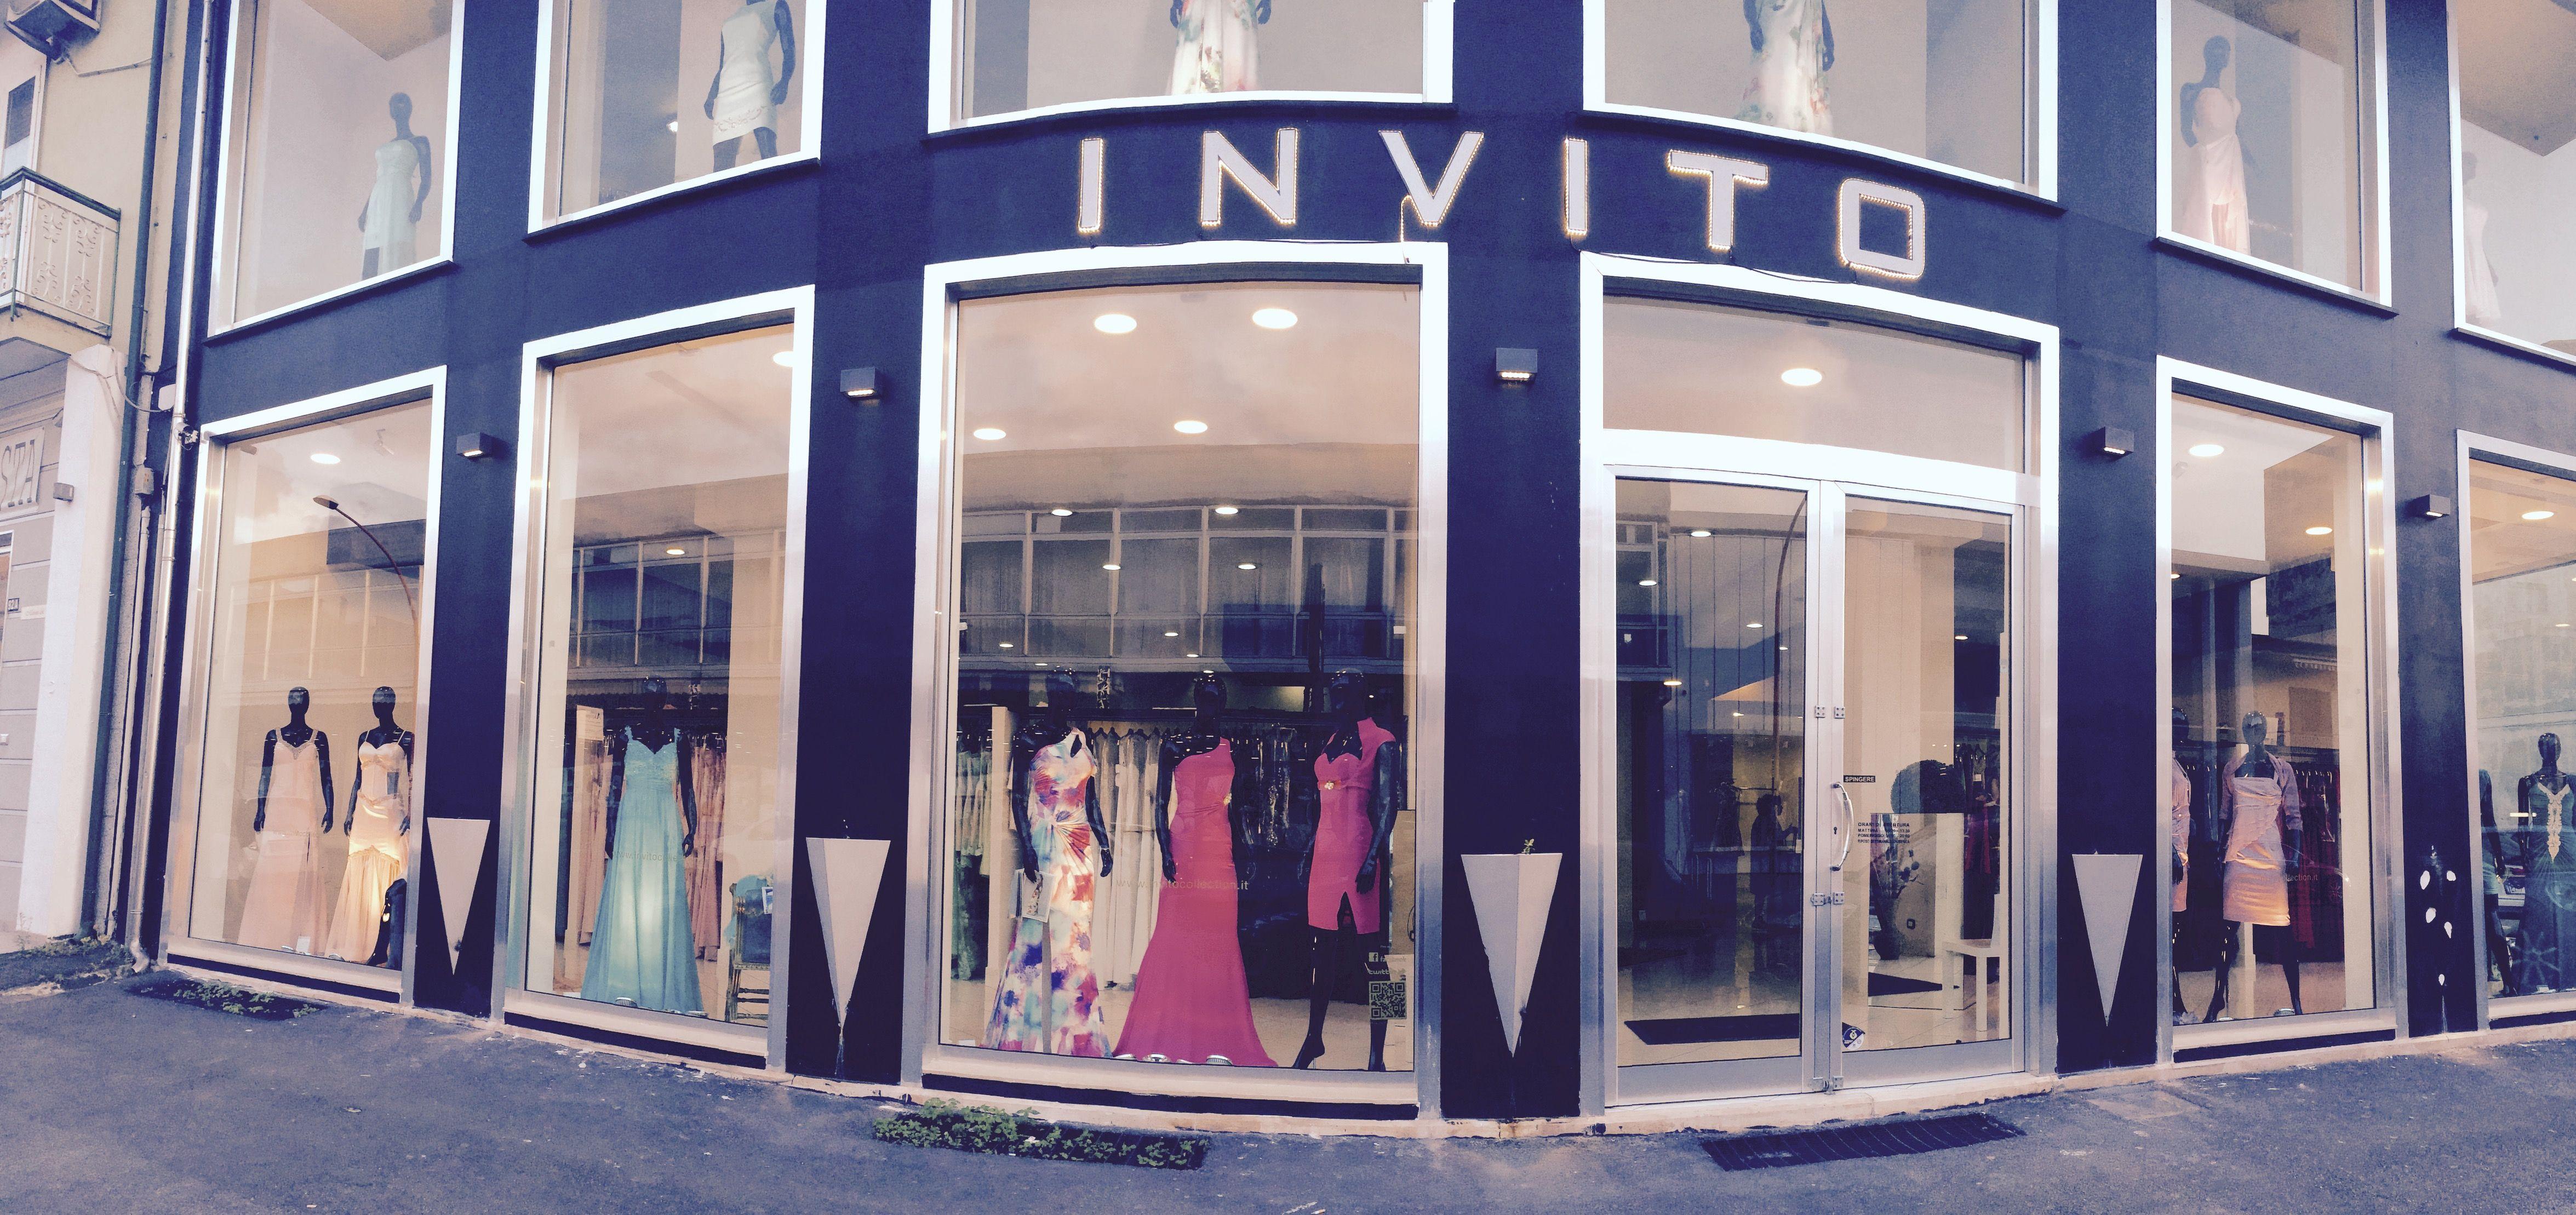 47350f8c05 INVITO haute couture Via Nazionale Appia 94 Casapulla (CE) | Abiti ...